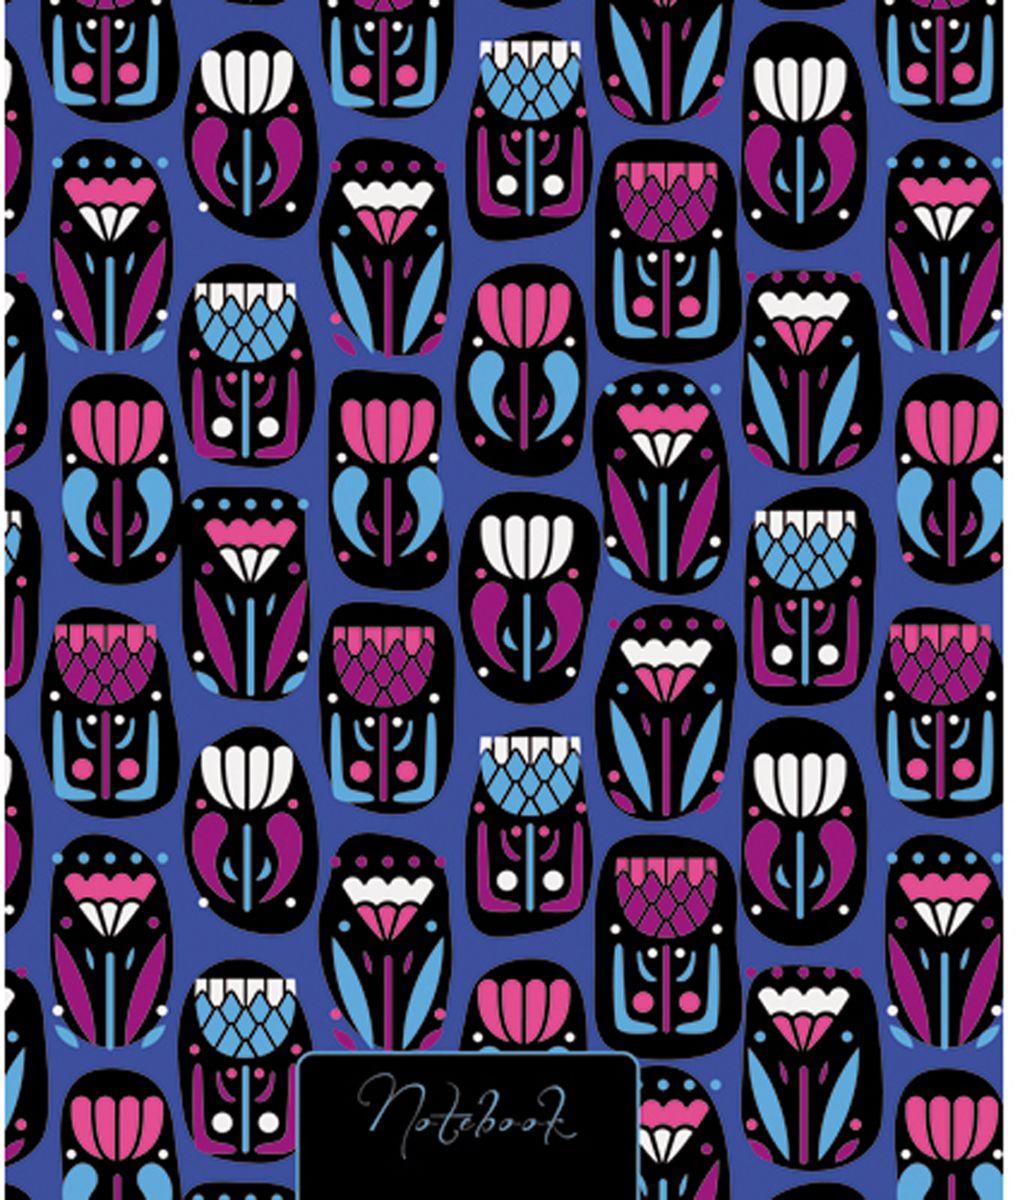 Канц-Эксмо Блокнот Орнамент Волшебство цветов 120 листовЕТИ5120124Блокнот Канц-Эксмо Орнамент. Волшебство цветов великолепно подойдет для записей и заметок. Книга для записей формата А5. Обложка изготовлена из твердого картона, матовая ламинация. Внутренний блок - бумага белая, офсетная 60г/м2, листы в клетку. Сшитый блок.